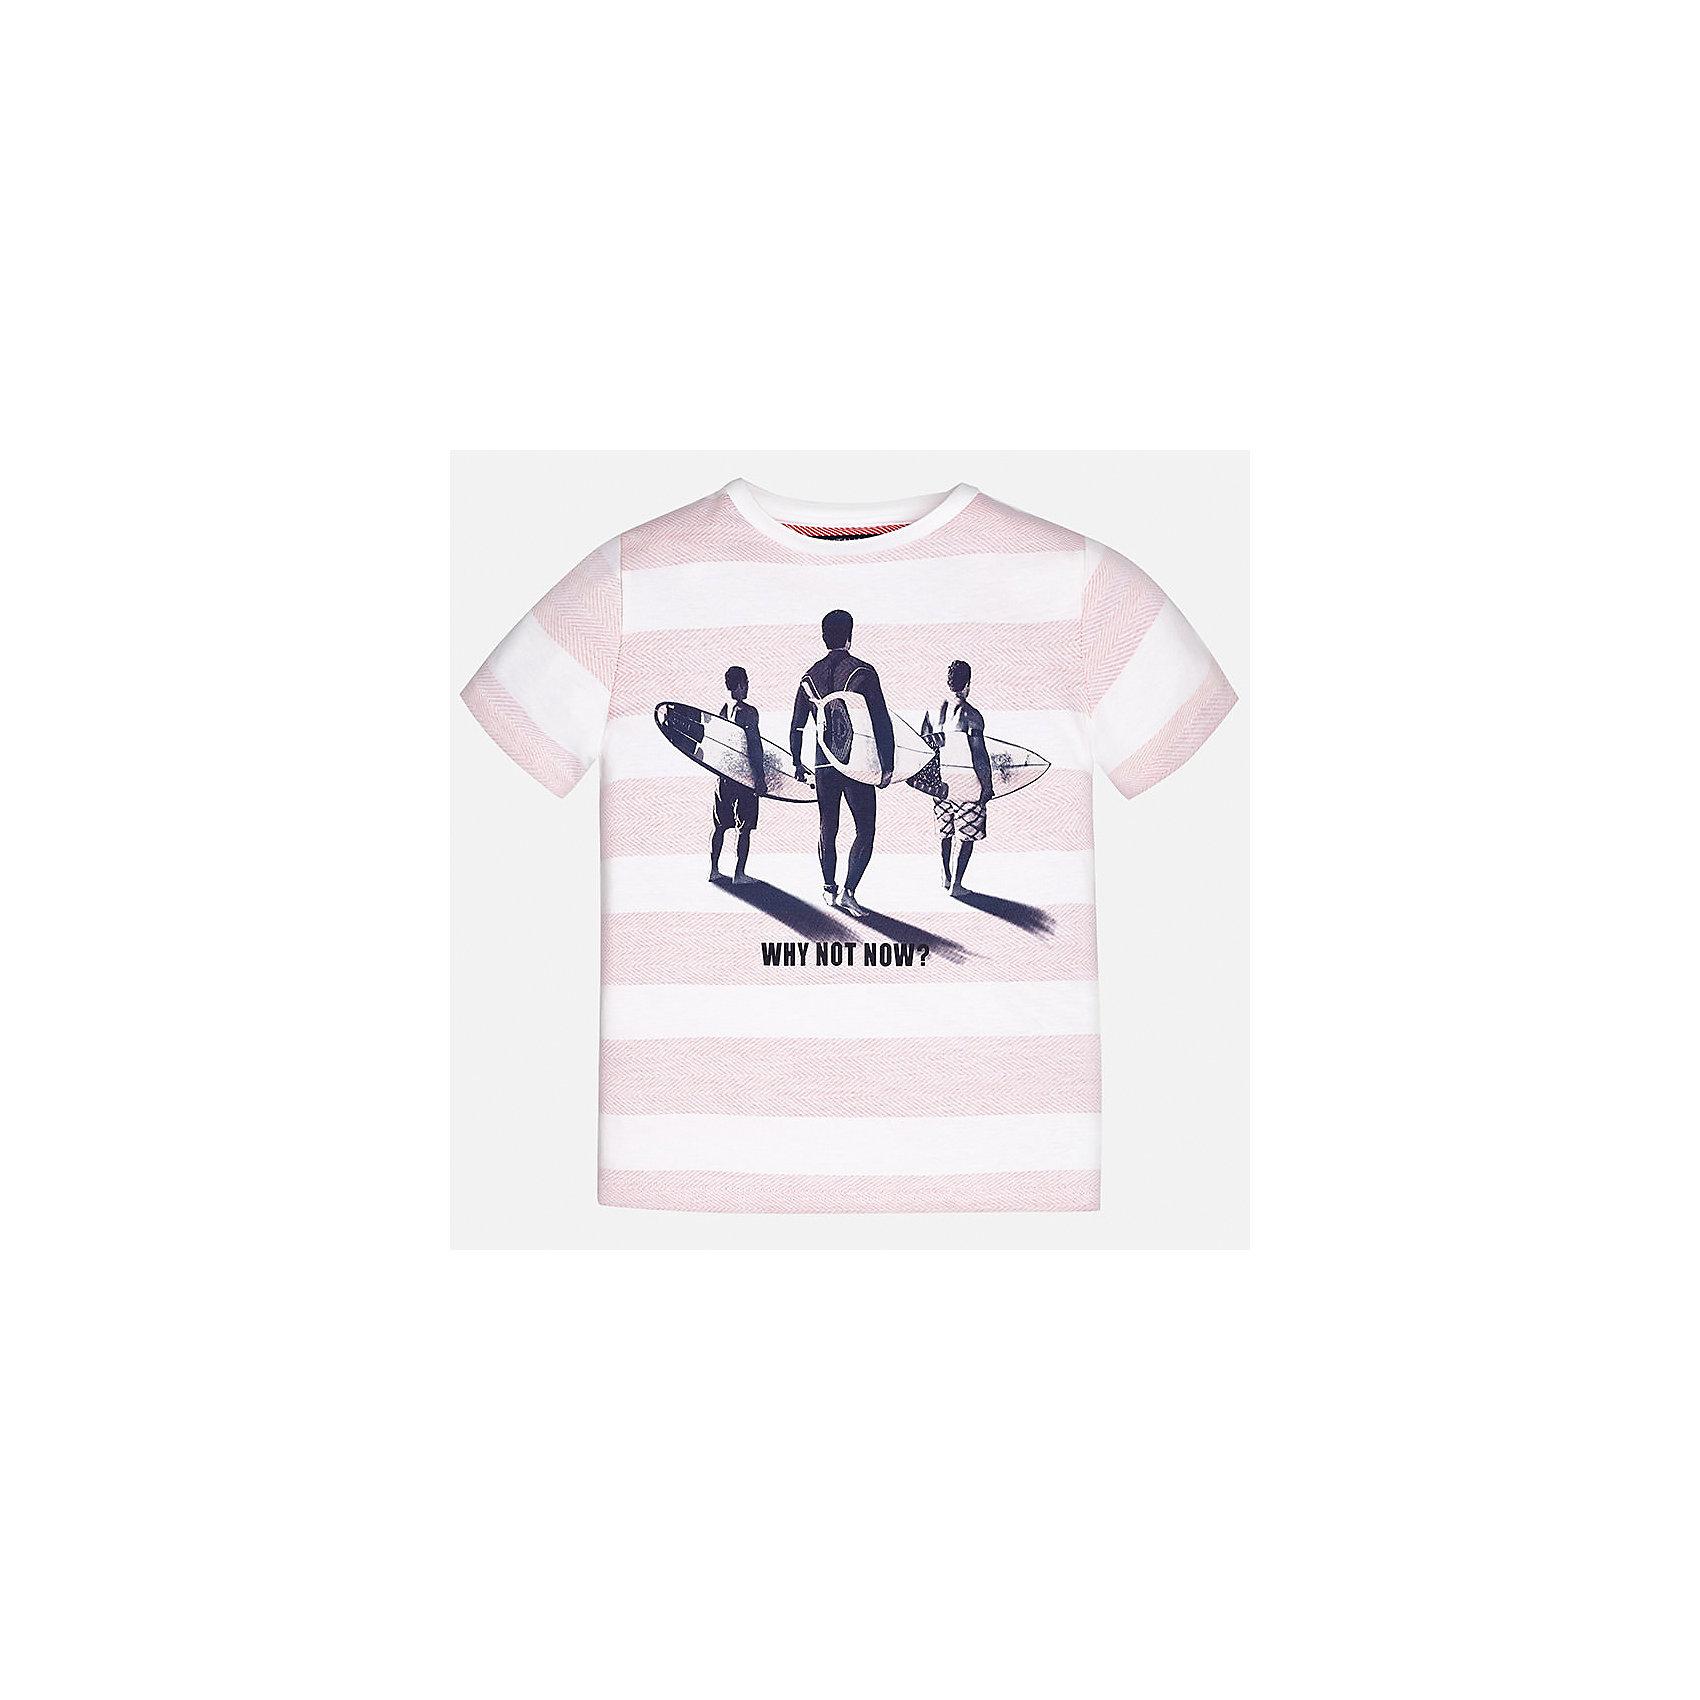 Футболка для мальчика MayoralФутболки, поло и топы<br>Характеристики товара:<br><br>• цвет: белый/розовый<br>• состав: 100% хлопок<br>• круглый горловой вырез<br>• декорирована принтом<br>• короткие рукава<br>• мягкая отделка горловины<br>• страна бренда: Испания<br><br>Стильная удобная футболка с принтом поможет разнообразить гардероб мальчика. Она отлично сочетается с брюками, шортами, джинсами. Универсальный крой и цвет позволяет подобрать к вещи низ разных расцветок. Практичное и стильное изделие! Хорошо смотрится и комфортно сидит на детях. В составе материала - только натуральный хлопок, гипоаллергенный, приятный на ощупь, дышащий. <br><br>Одежда, обувь и аксессуары от испанского бренда Mayoral полюбились детям и взрослым по всему миру. Модели этой марки - стильные и удобные. Для их производства используются только безопасные, качественные материалы и фурнитура. Порадуйте ребенка модными и красивыми вещами от Mayoral! <br><br>Футболку для мальчика от испанского бренда Mayoral (Майорал) можно купить в нашем интернет-магазине.<br><br>Ширина мм: 199<br>Глубина мм: 10<br>Высота мм: 161<br>Вес г: 151<br>Цвет: розовый<br>Возраст от месяцев: 96<br>Возраст до месяцев: 108<br>Пол: Мужской<br>Возраст: Детский<br>Размер: 140,170,164,158,152,128/134<br>SKU: 5281444